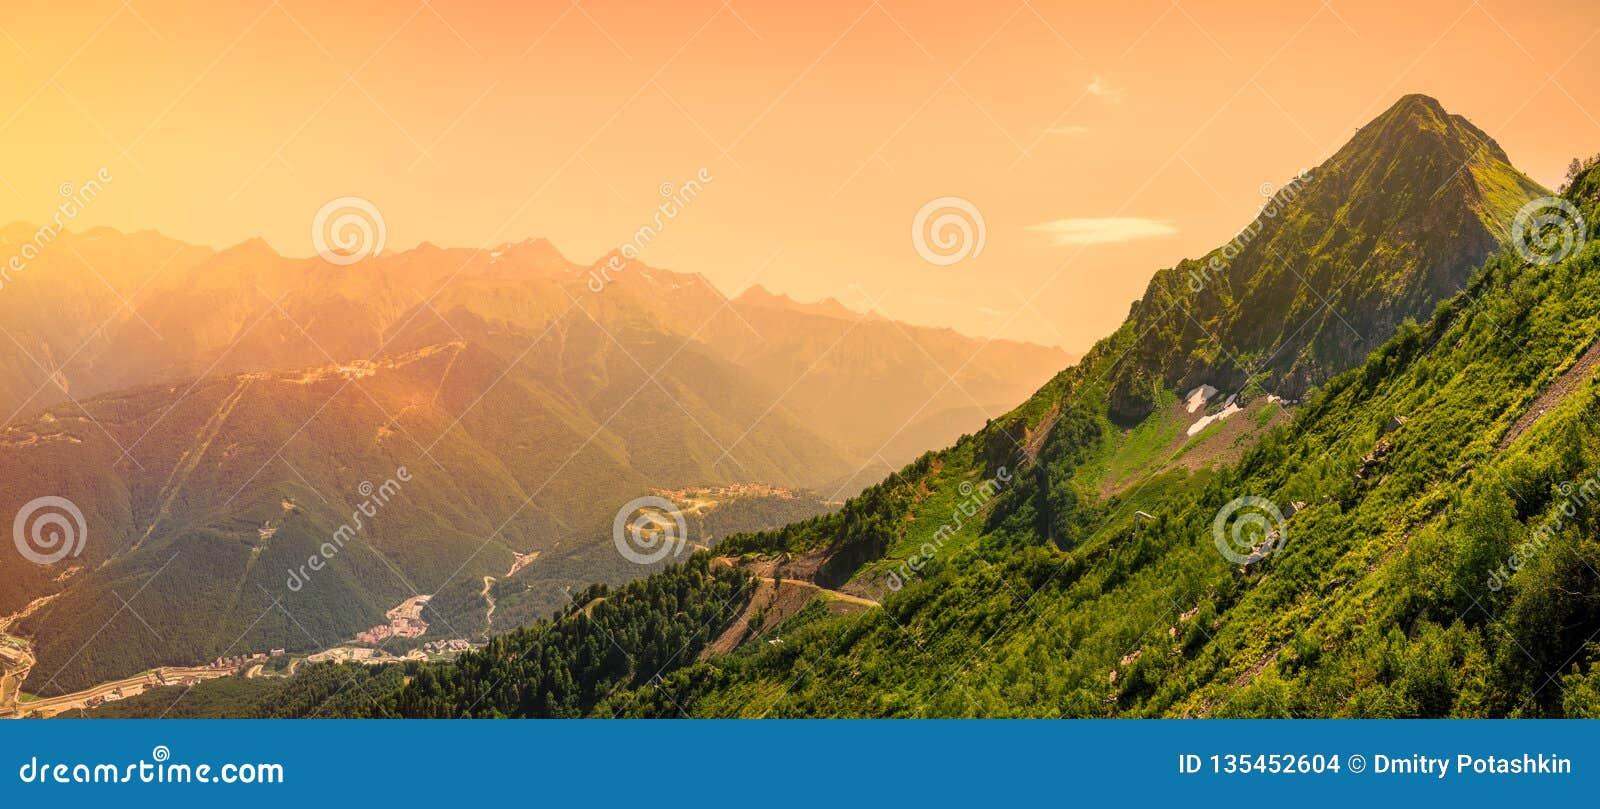 Heller Sonnenaufgang in den Bergen Panoramablick des Tales mit Wohngebäuden, umgeben durch Berge mit Drahtseilbahnen